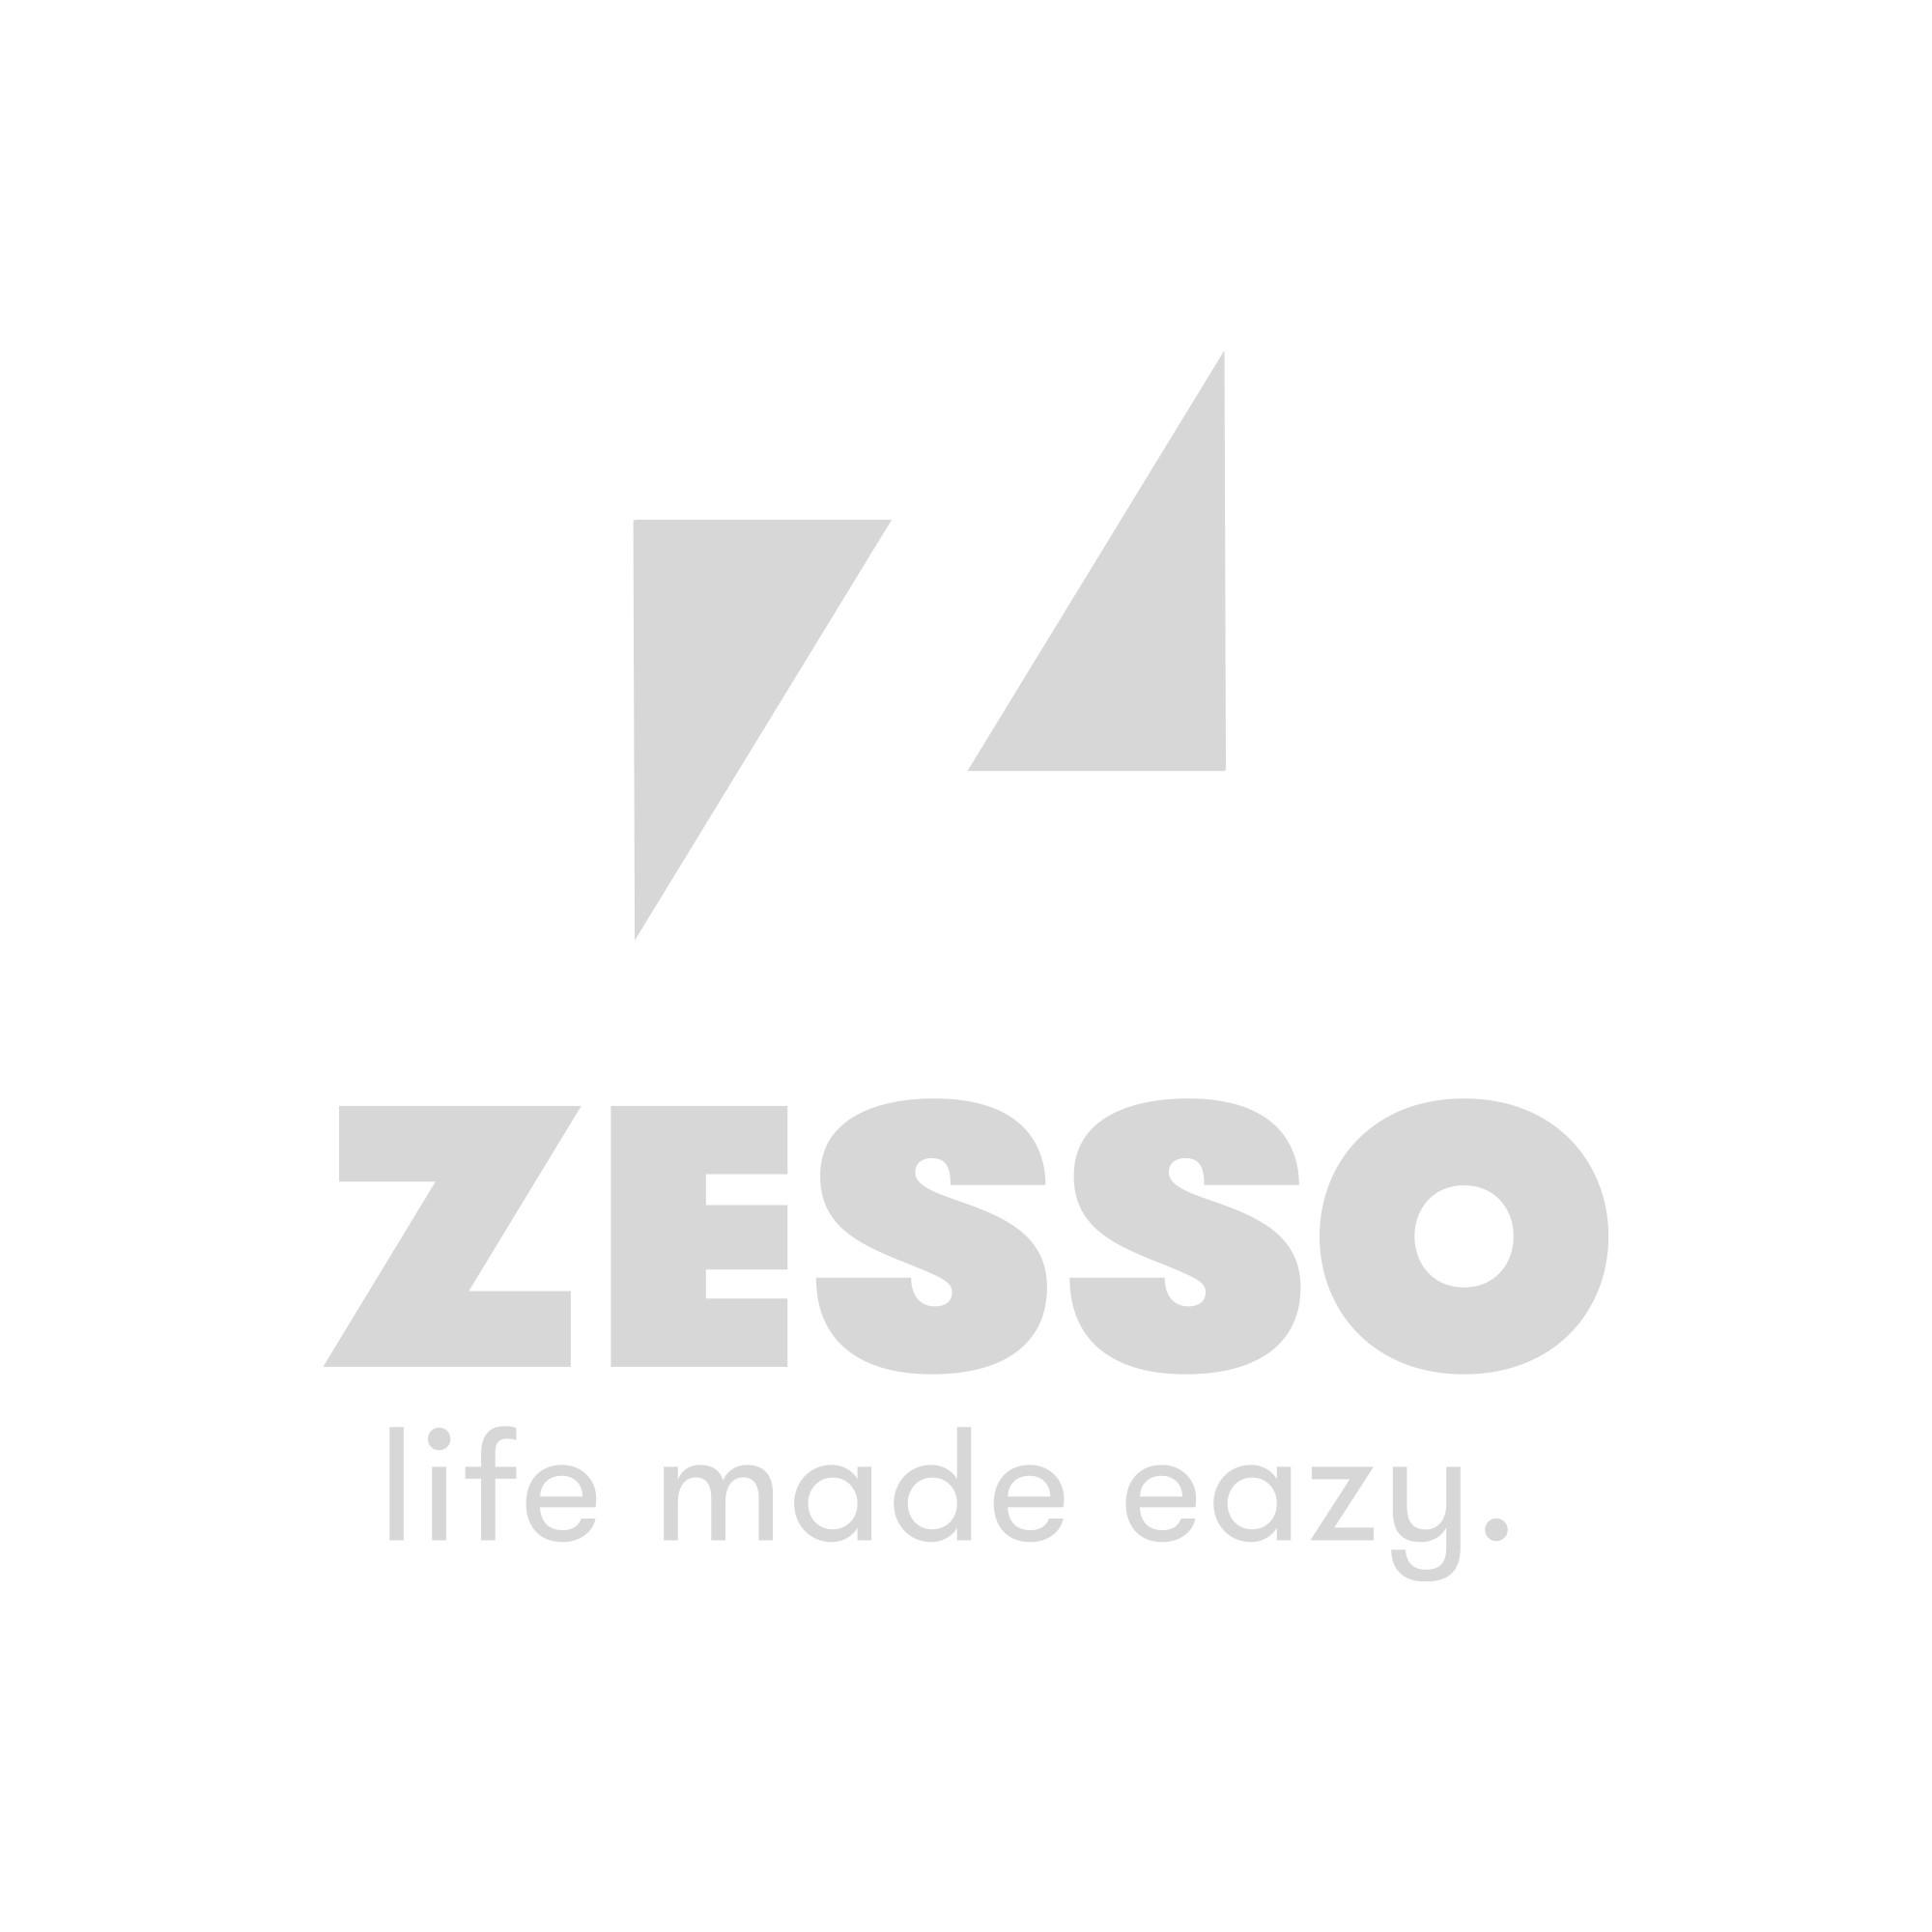 Baby's Only Baby Gym Speelkleed Zilvergrijs/Grijs/Wit